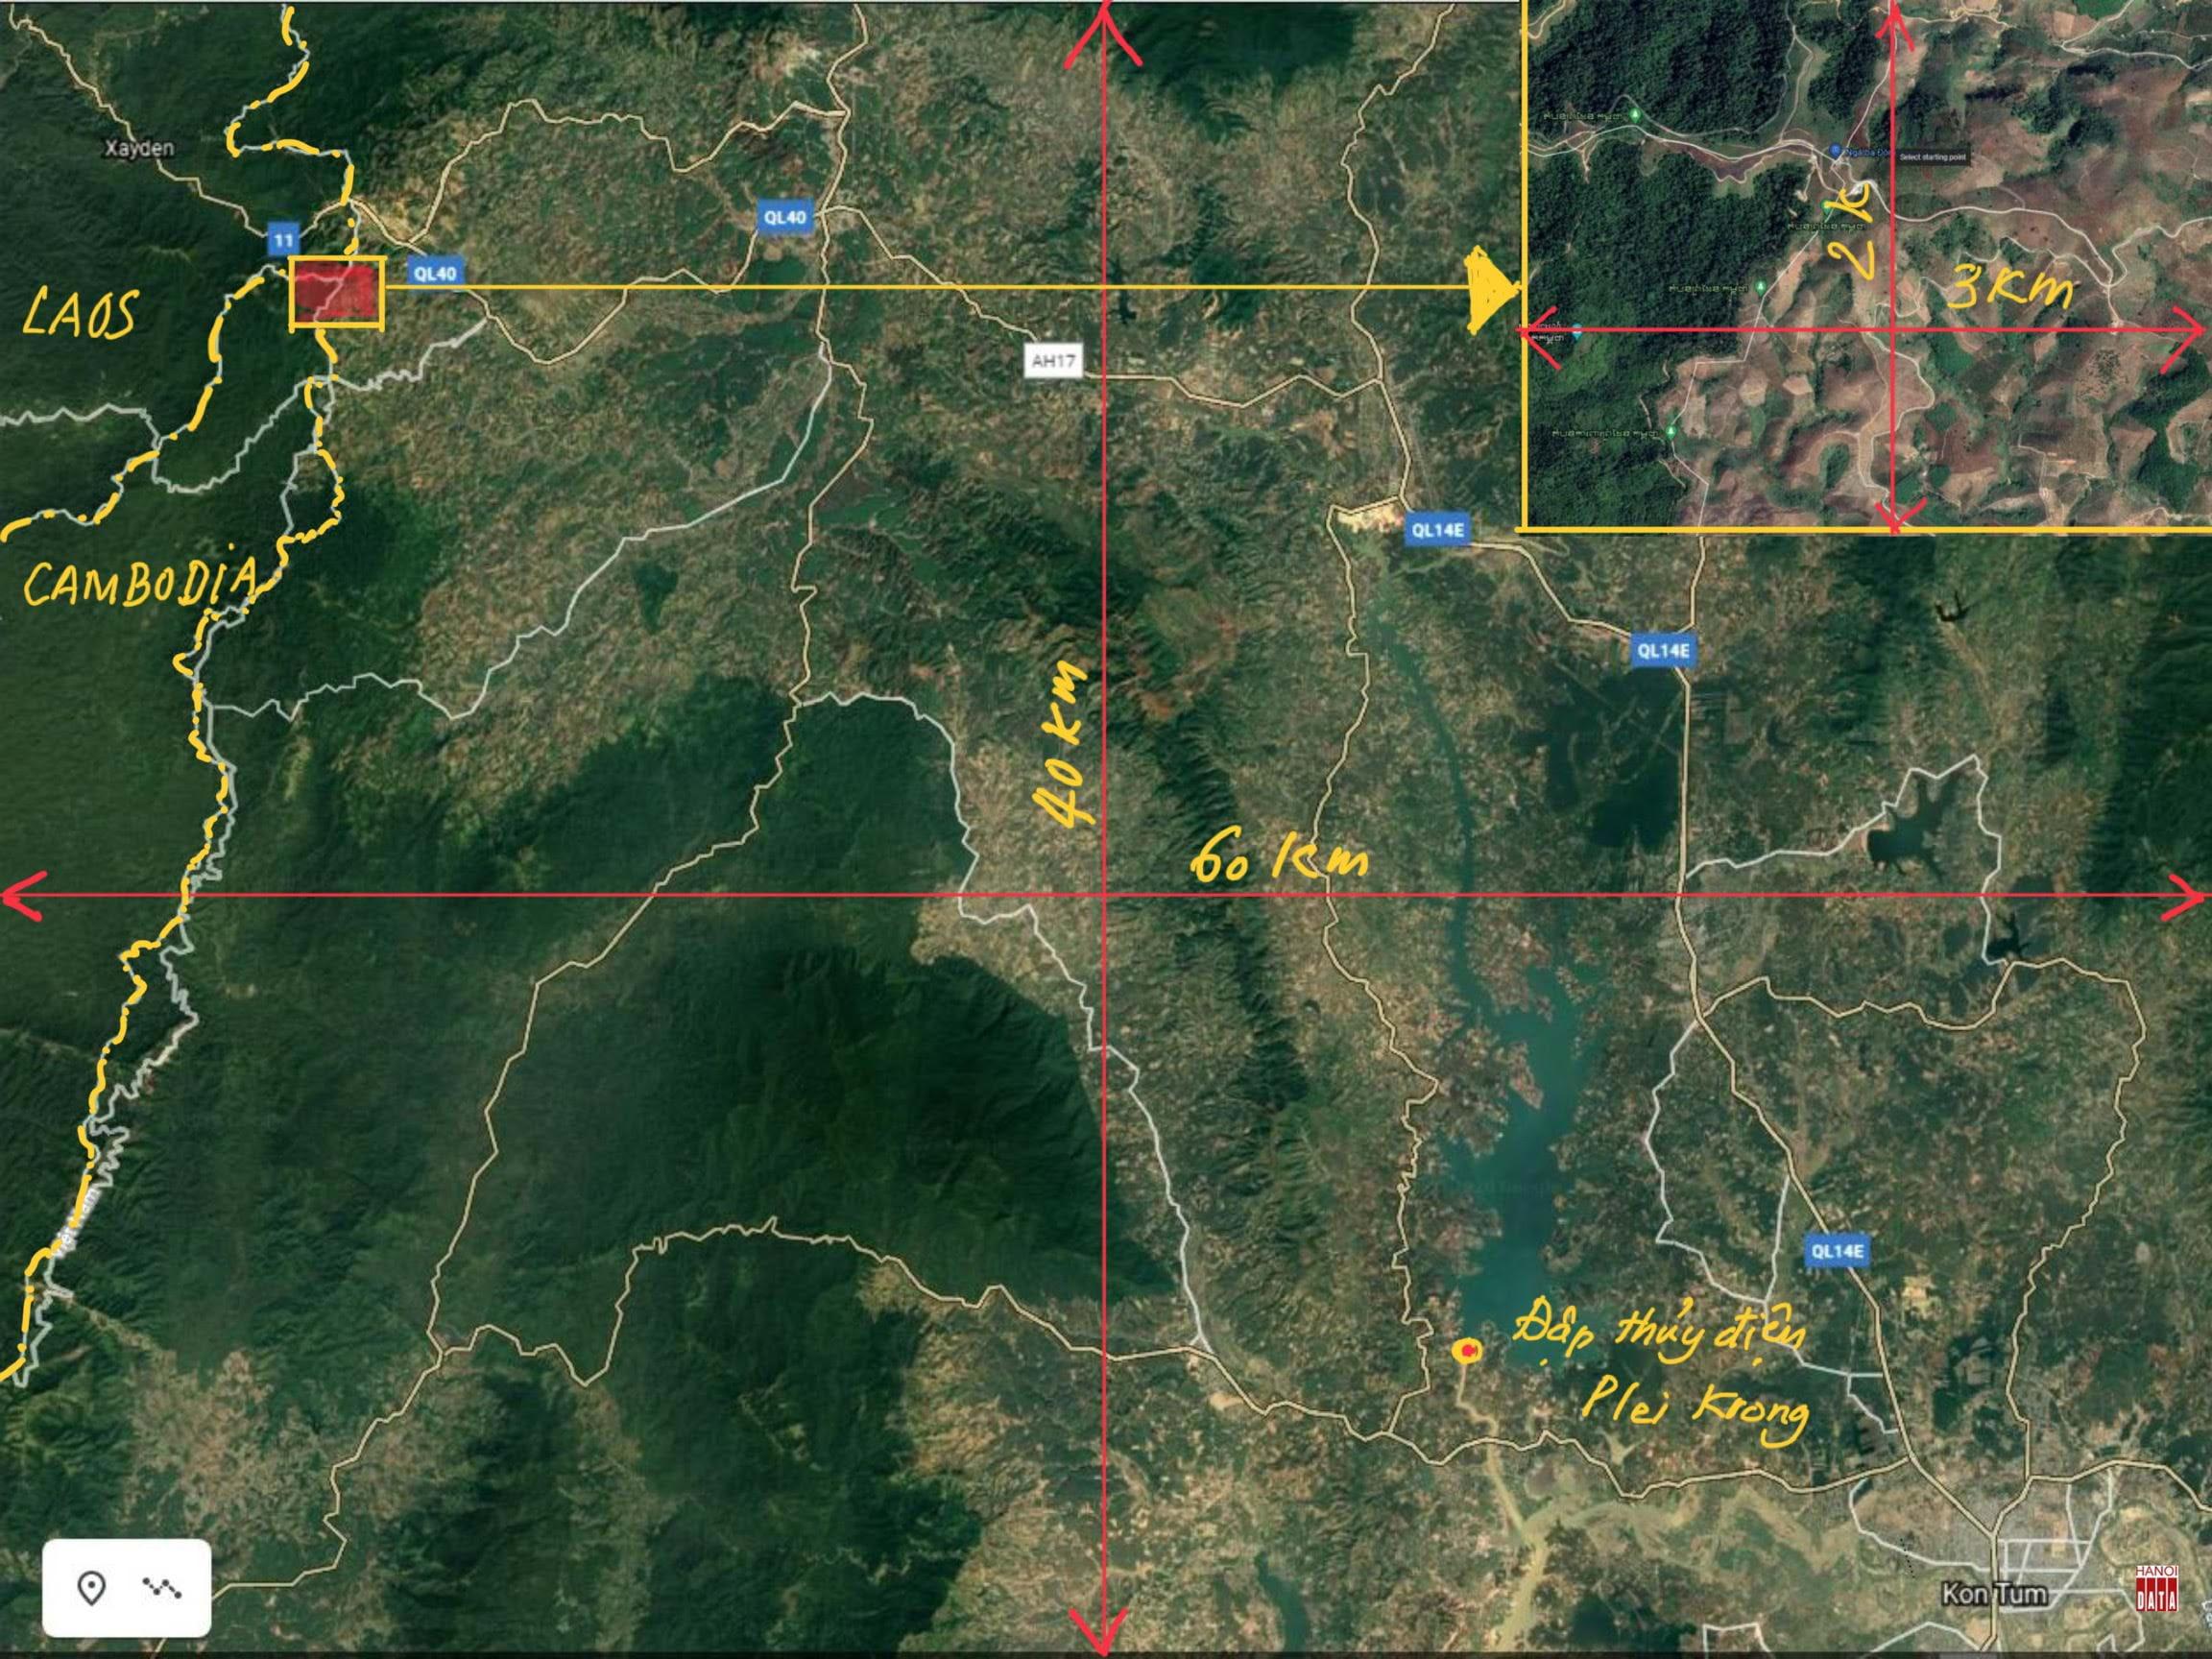 Bản đồ vệ tinh khu vực 2.400 km2 tại tỉnh Kon Tum. Nguồn: Google Earth; Đường biên giới chỉ để tham khảo